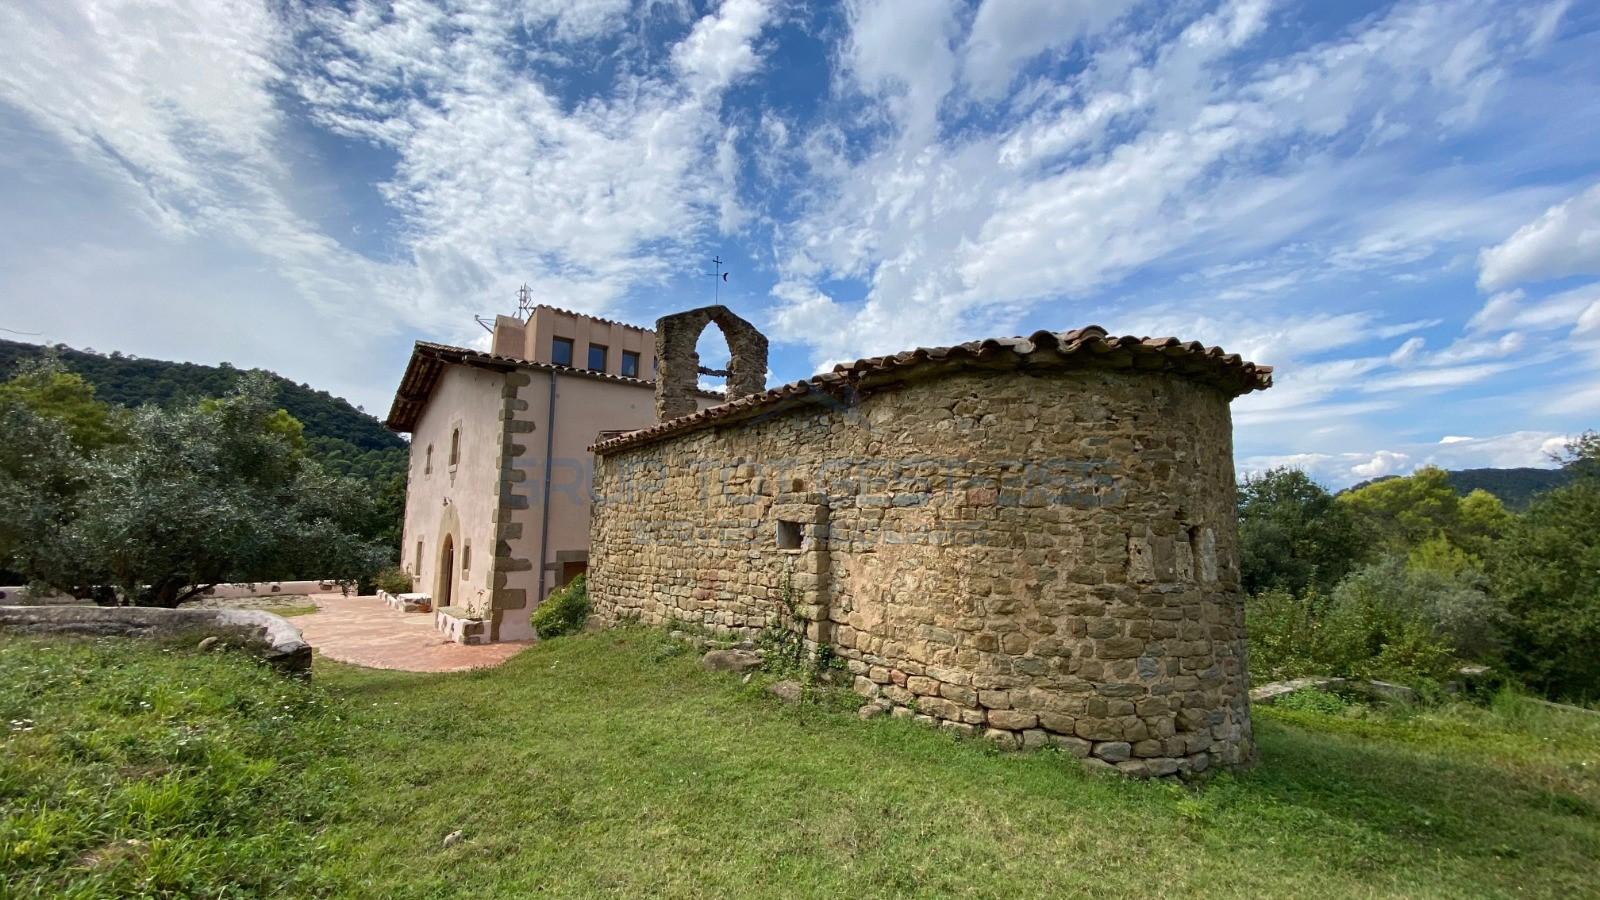 Шик и магия 16 столетия с личной церковью